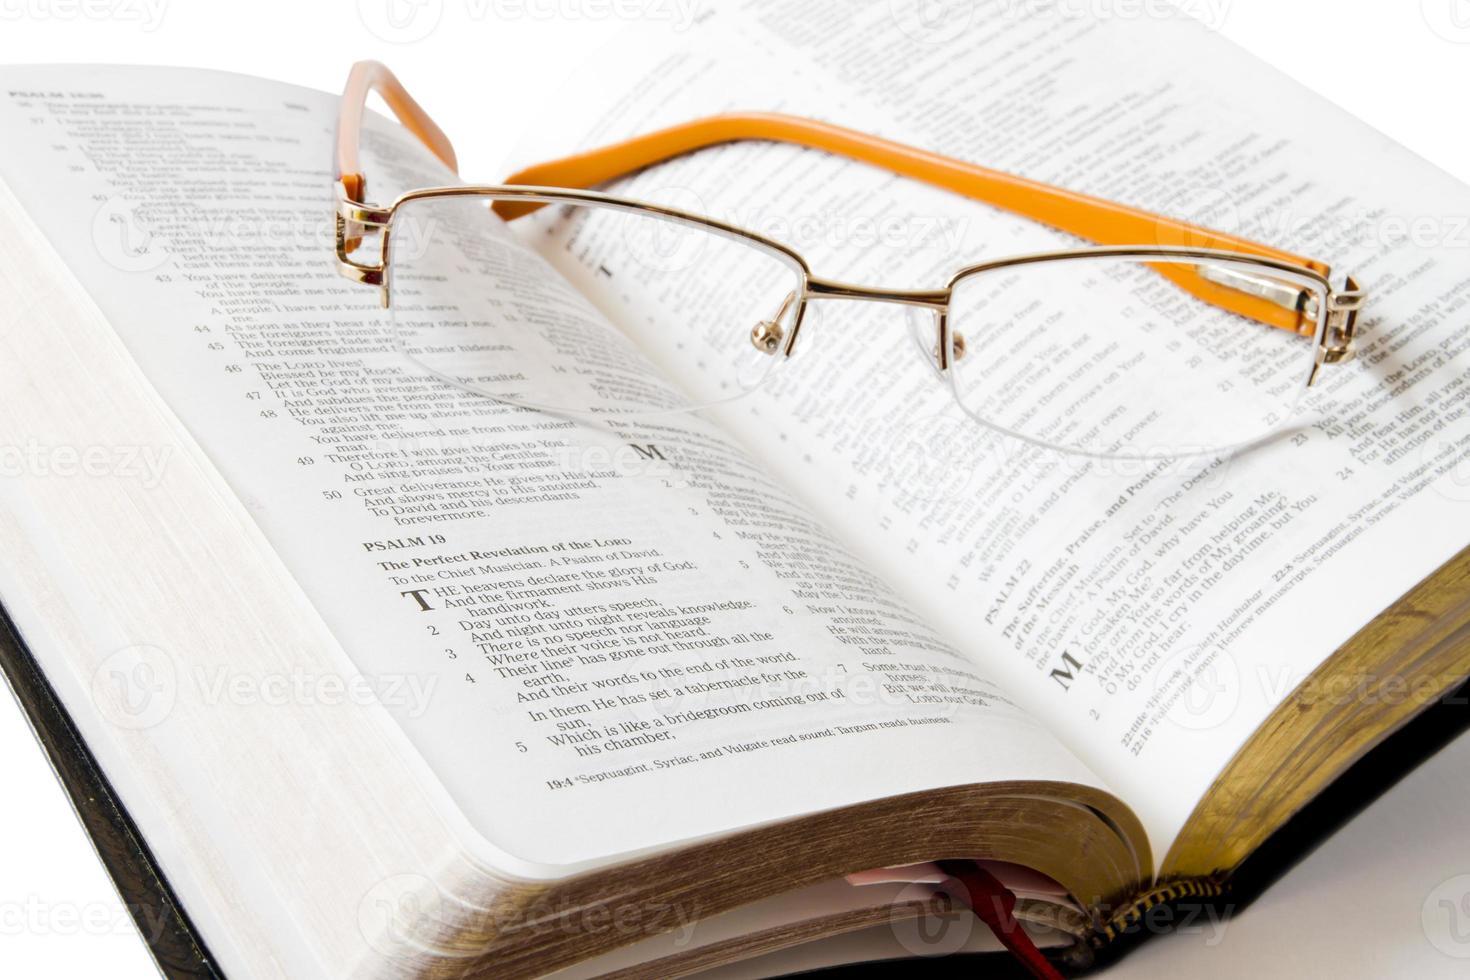 Studying Holy Bible photo